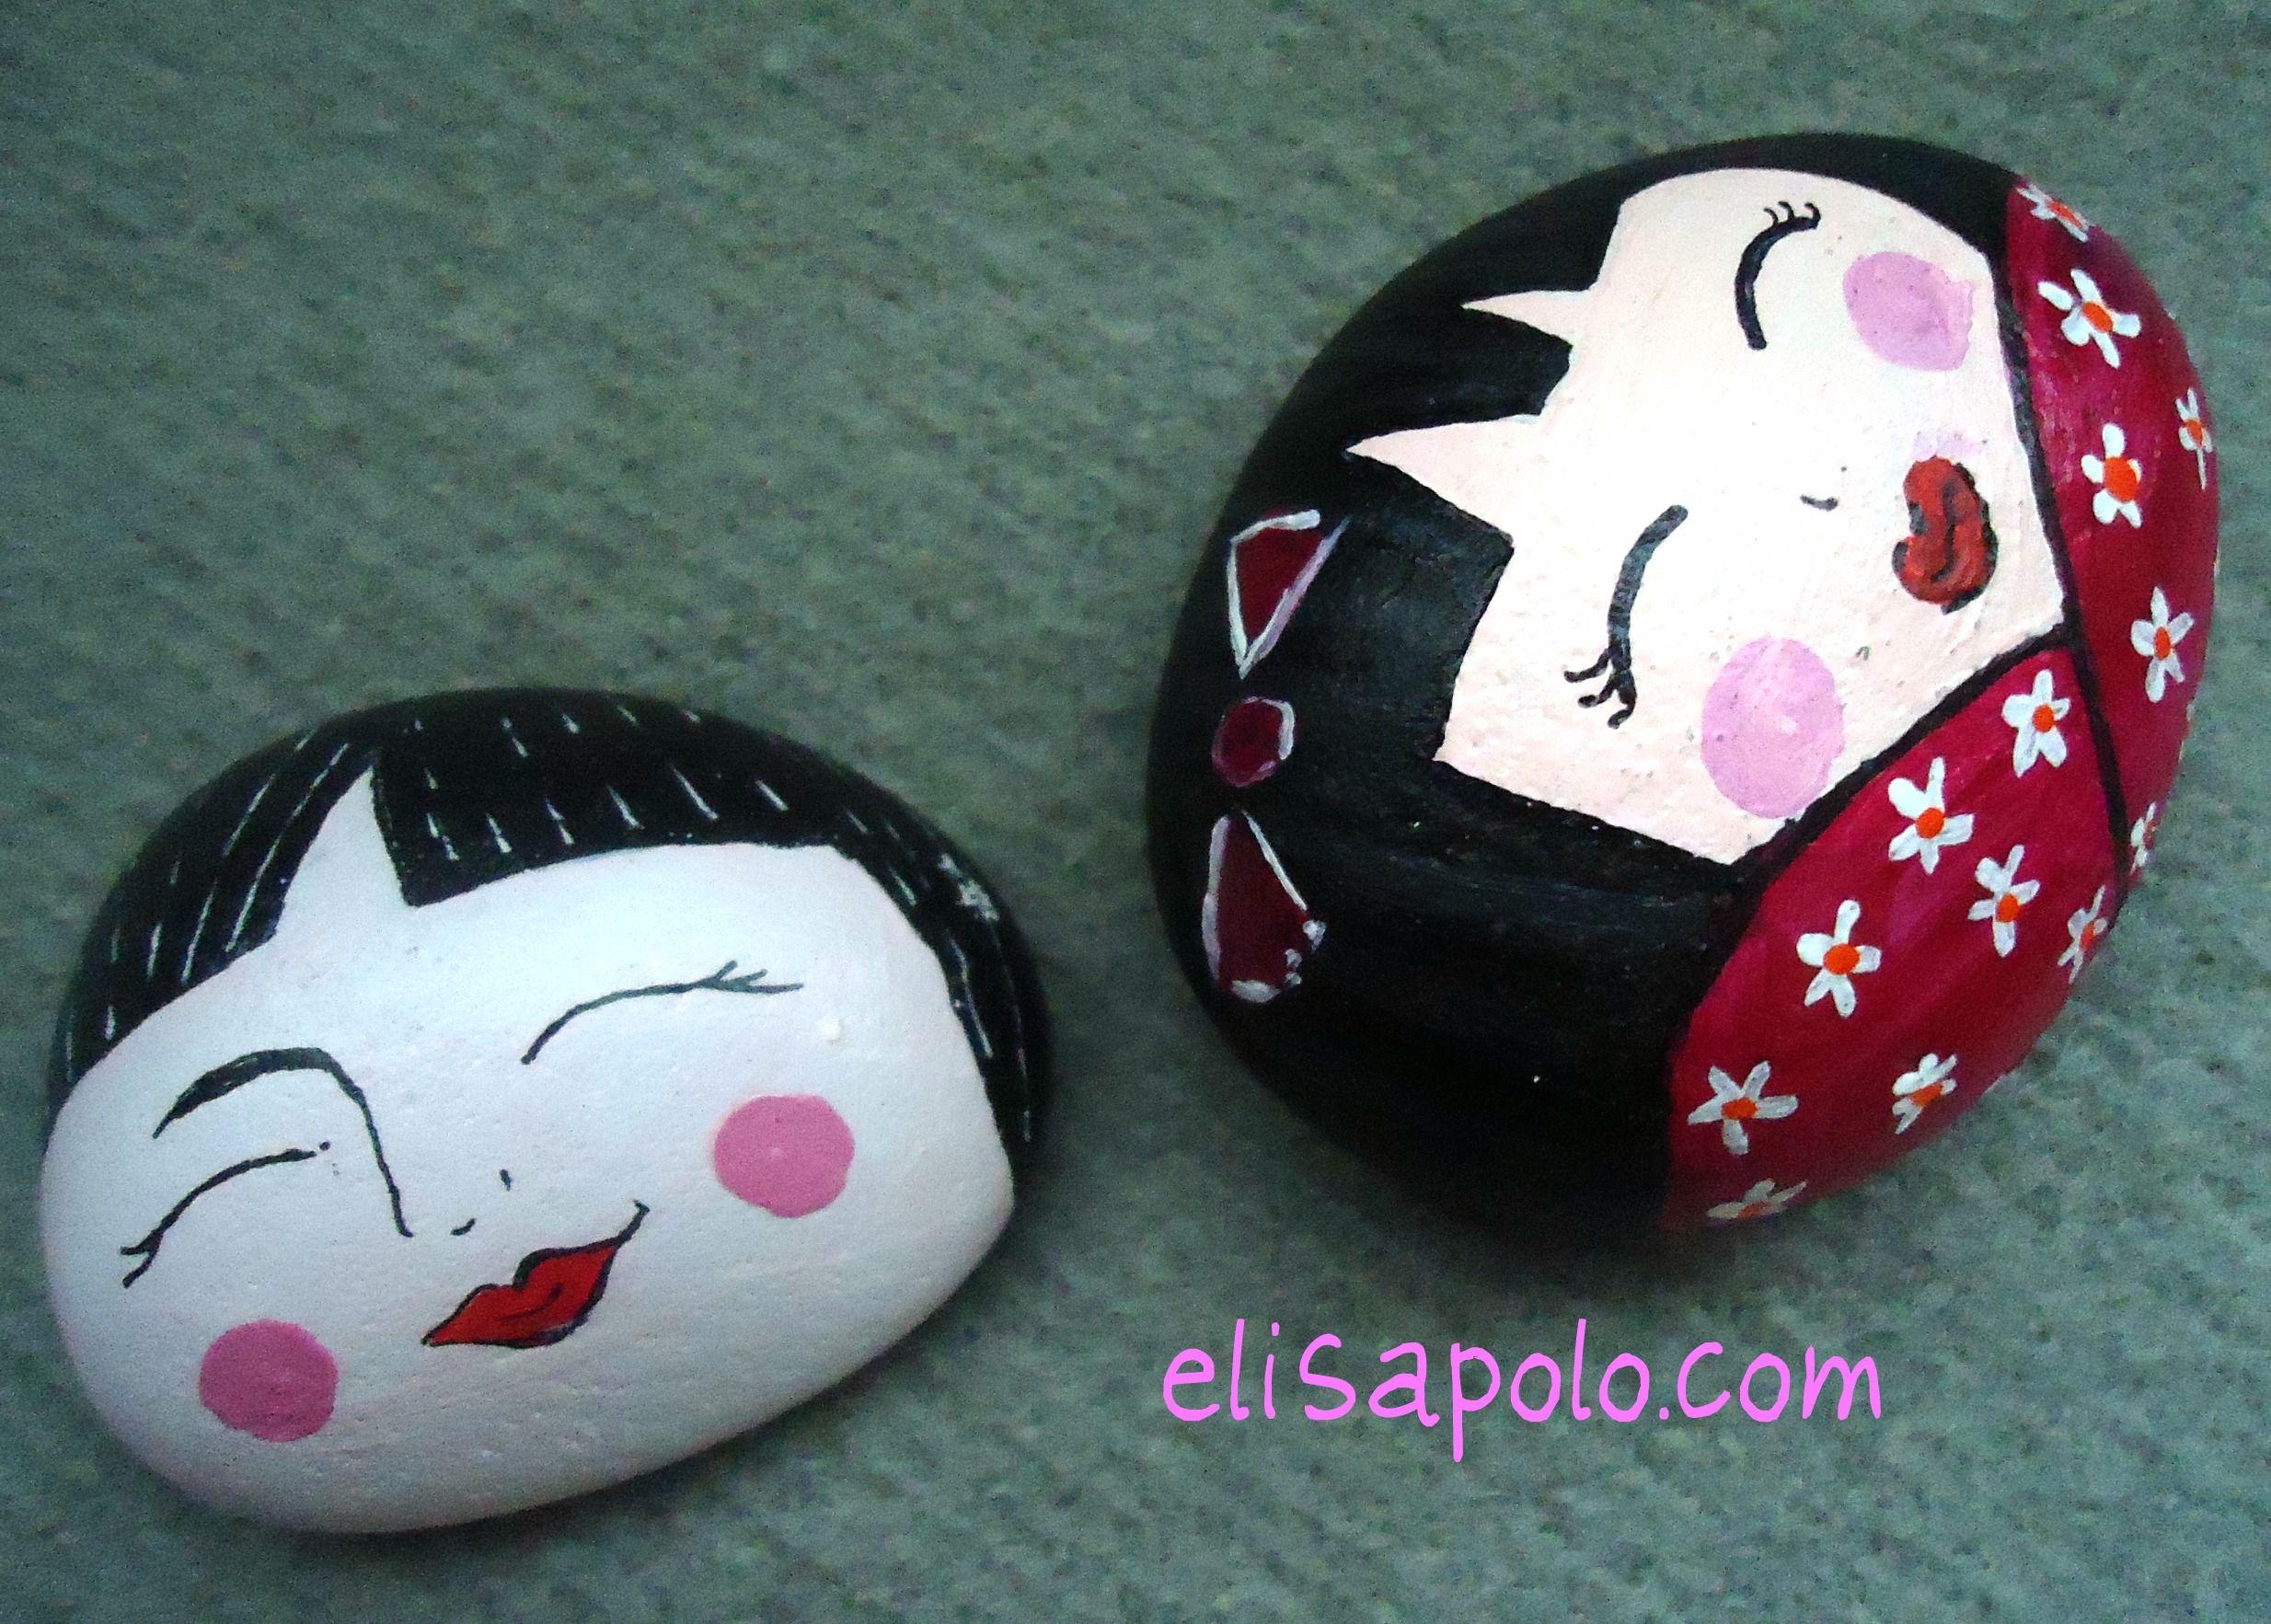 Piedras manualidades ni as pinterest piedras piedra for Pintura para pintar piedras